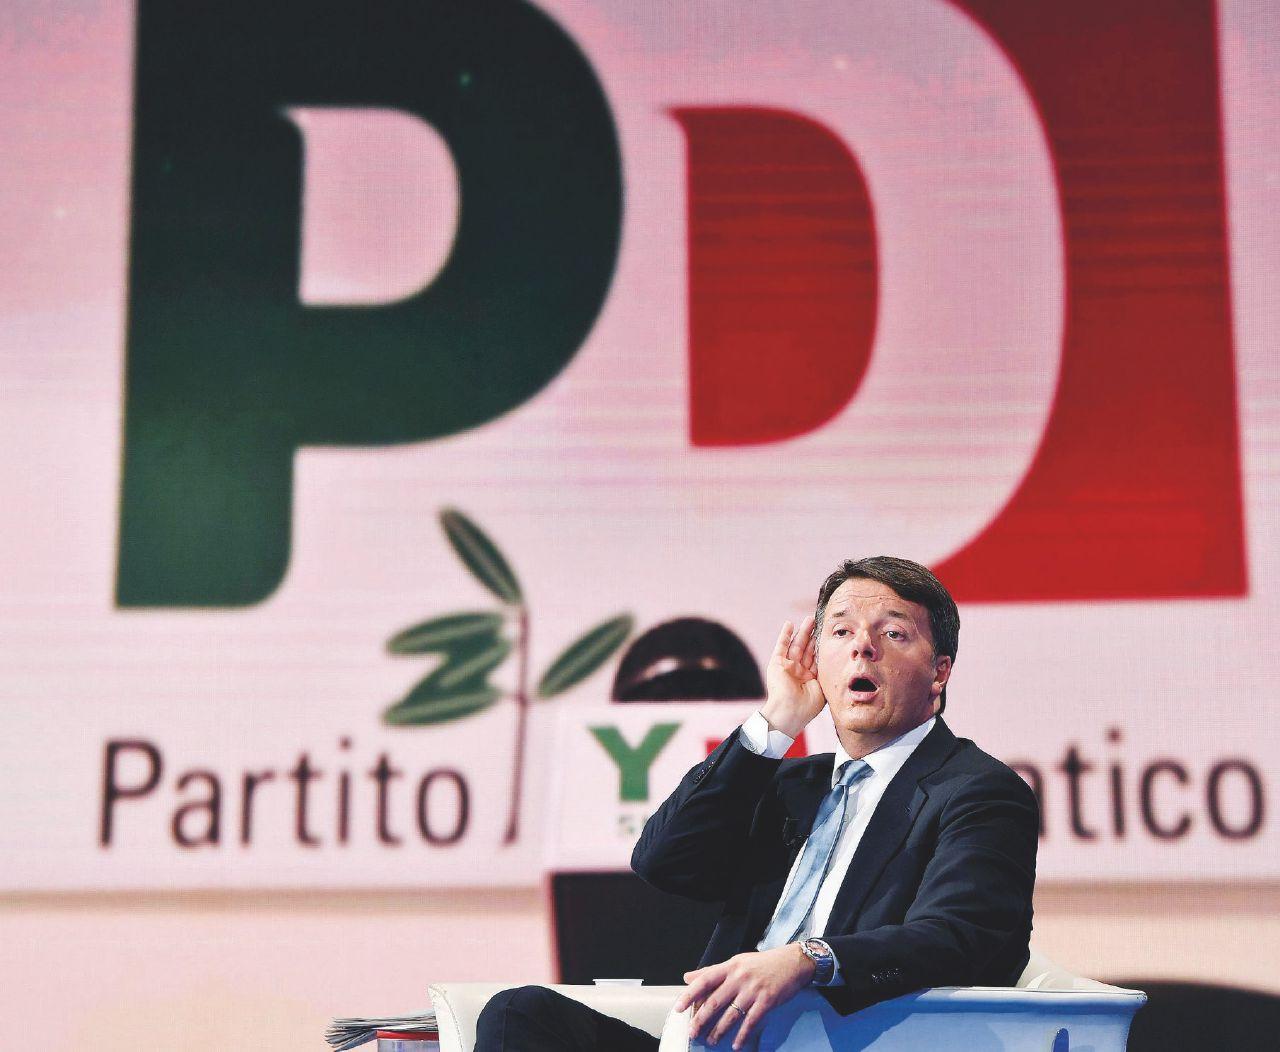 In Edicola sul Fatto Quotidiano del 28 gennaio: Renzi si barrica in Parlamento: il Pd è solo lui